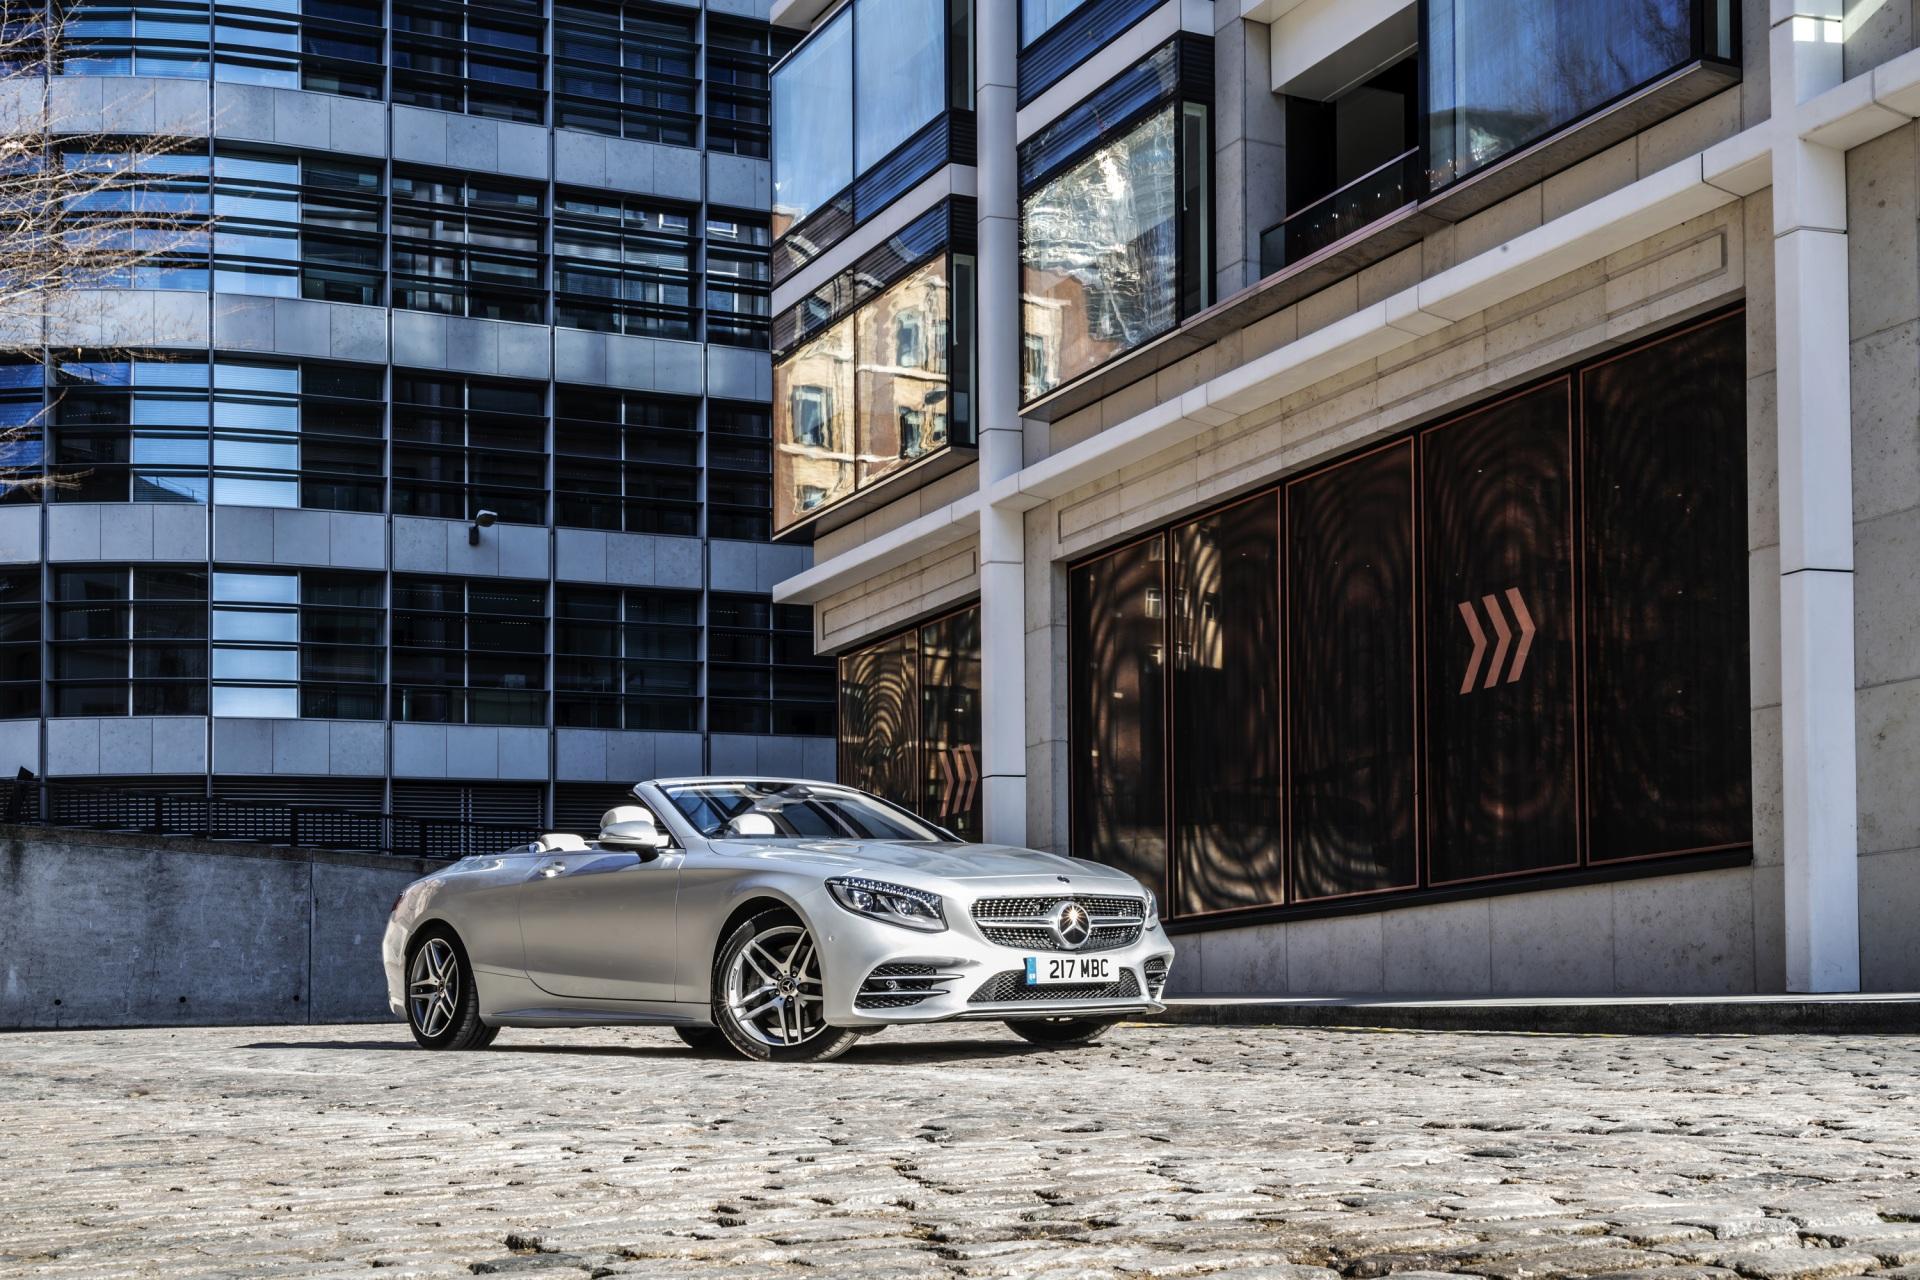 Картинки Mercedes-Benz 2018-19 S 560 Cabriolet AMG Line Кабриолет серебристая машины 1920x1280 Мерседес бенц кабриолета серебряный серебряная Серебристый авто машина автомобиль Автомобили